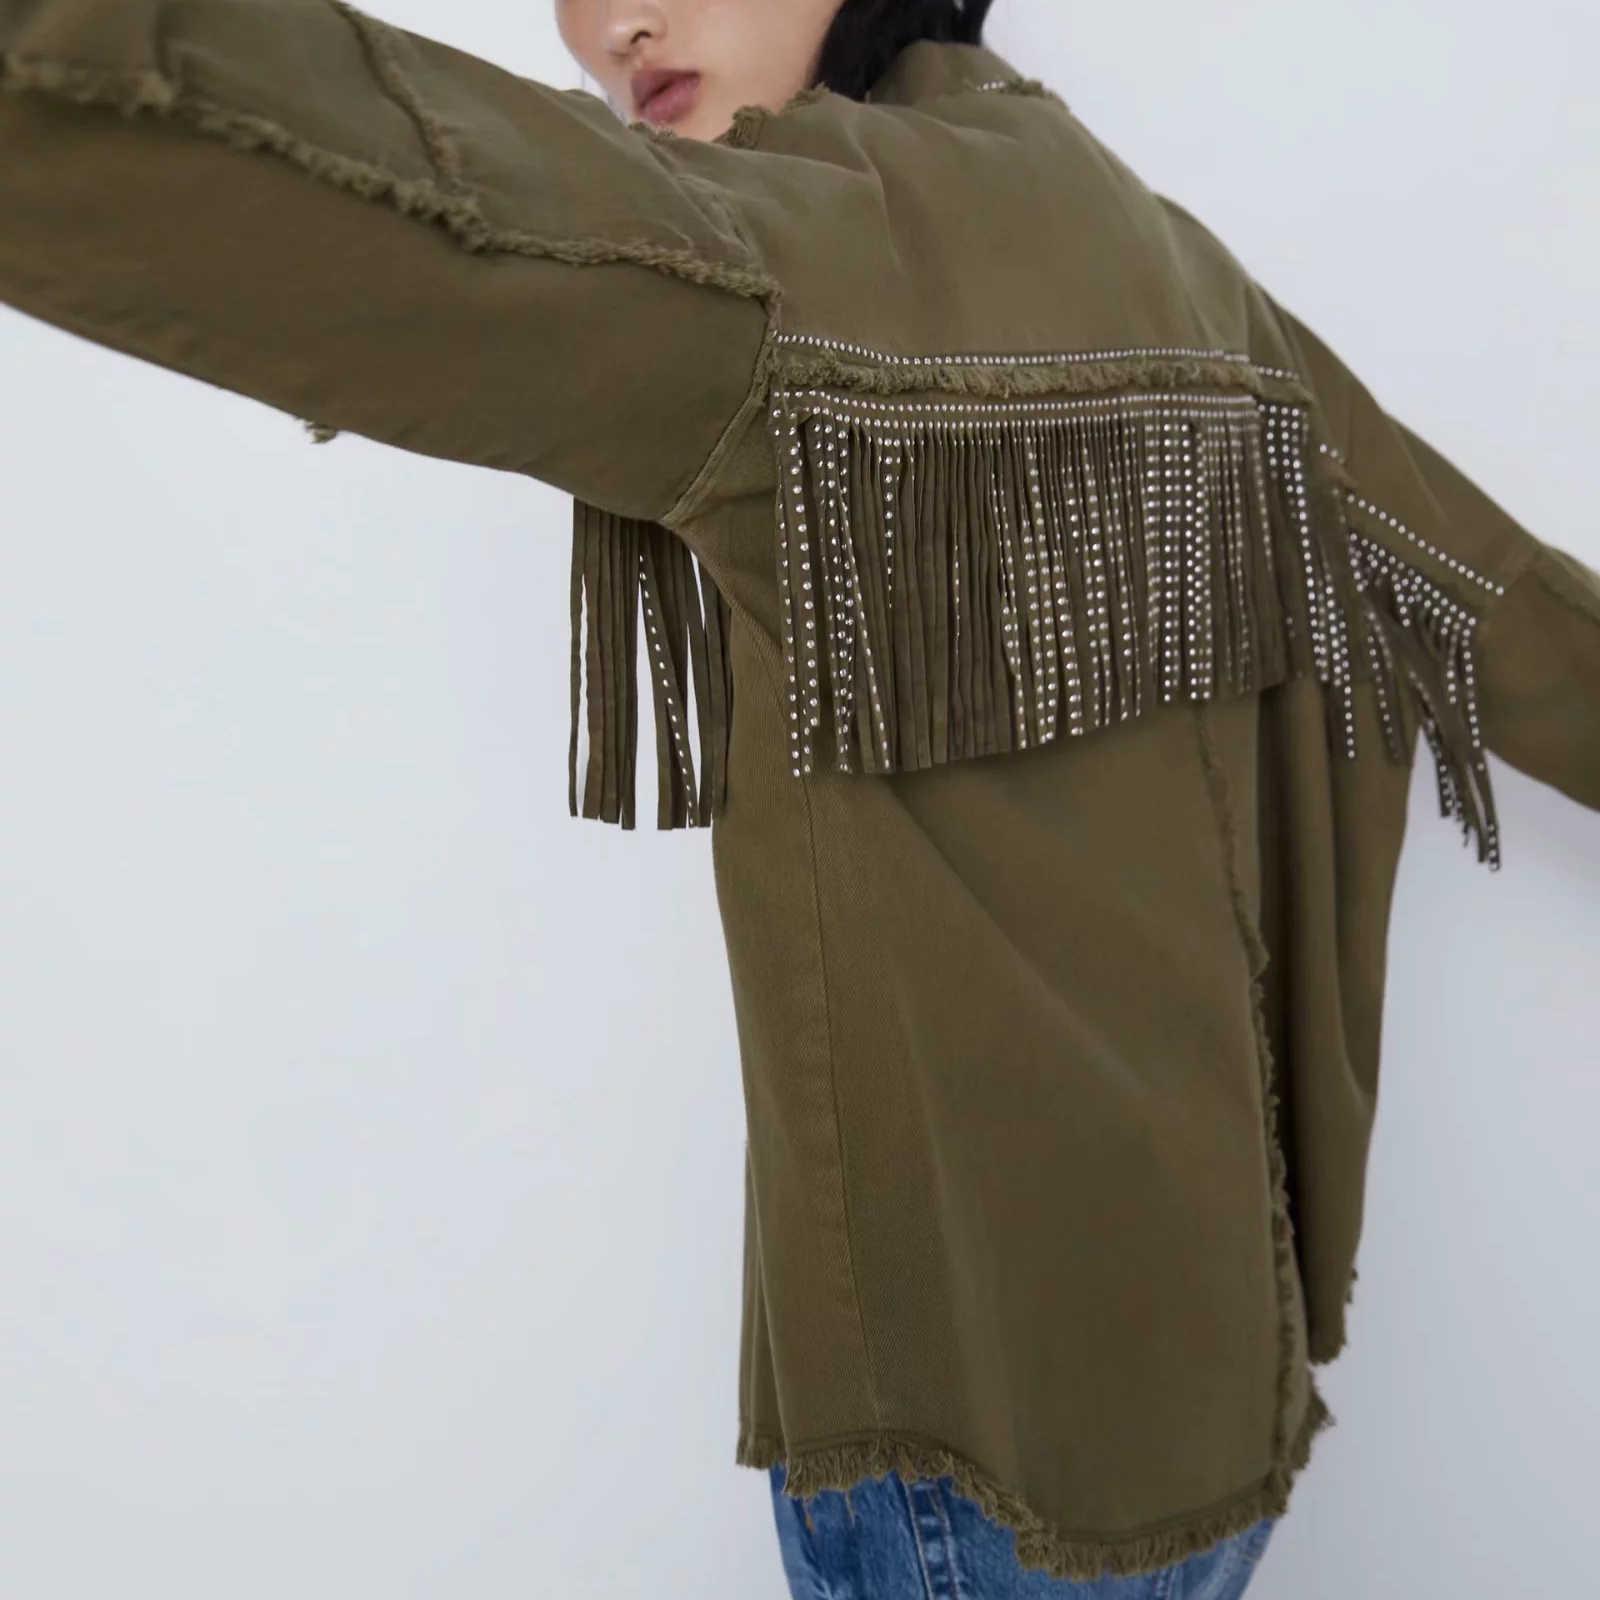 ZA jesienno-zimowa damska tassel frędzlami cekiny koszula płaszcz dżinsowy zieleń wojskowa ciepła odzież wierzchnia kobieta w stylu Vintage kobieta shirtwear kurtka